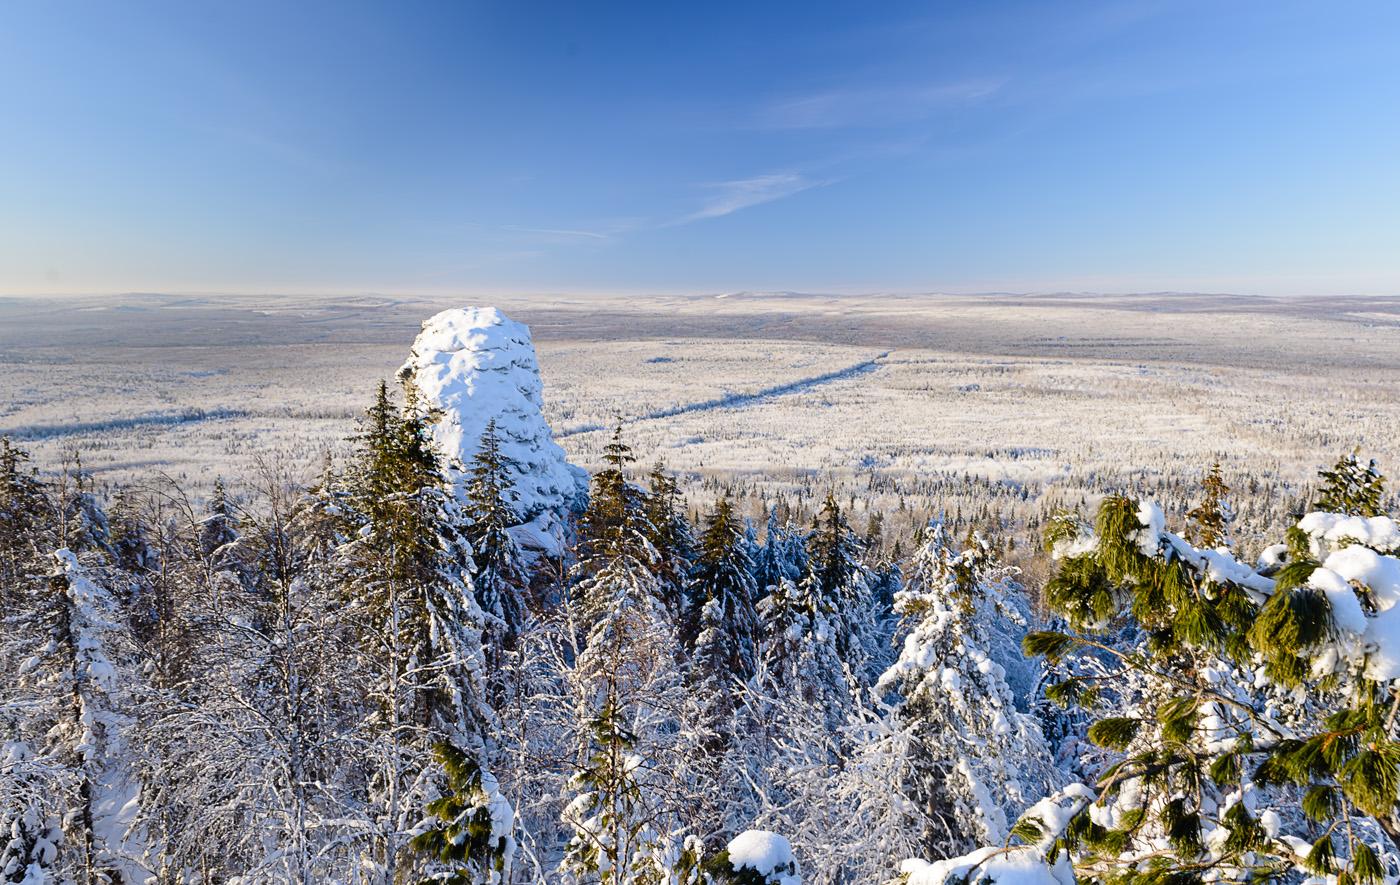 Фото 13. Скальный останец Чертов палец на вершине горы Колпаки. Уральские пейзажи зимой. 1/50, +0.33, 8.0, 110, 24.